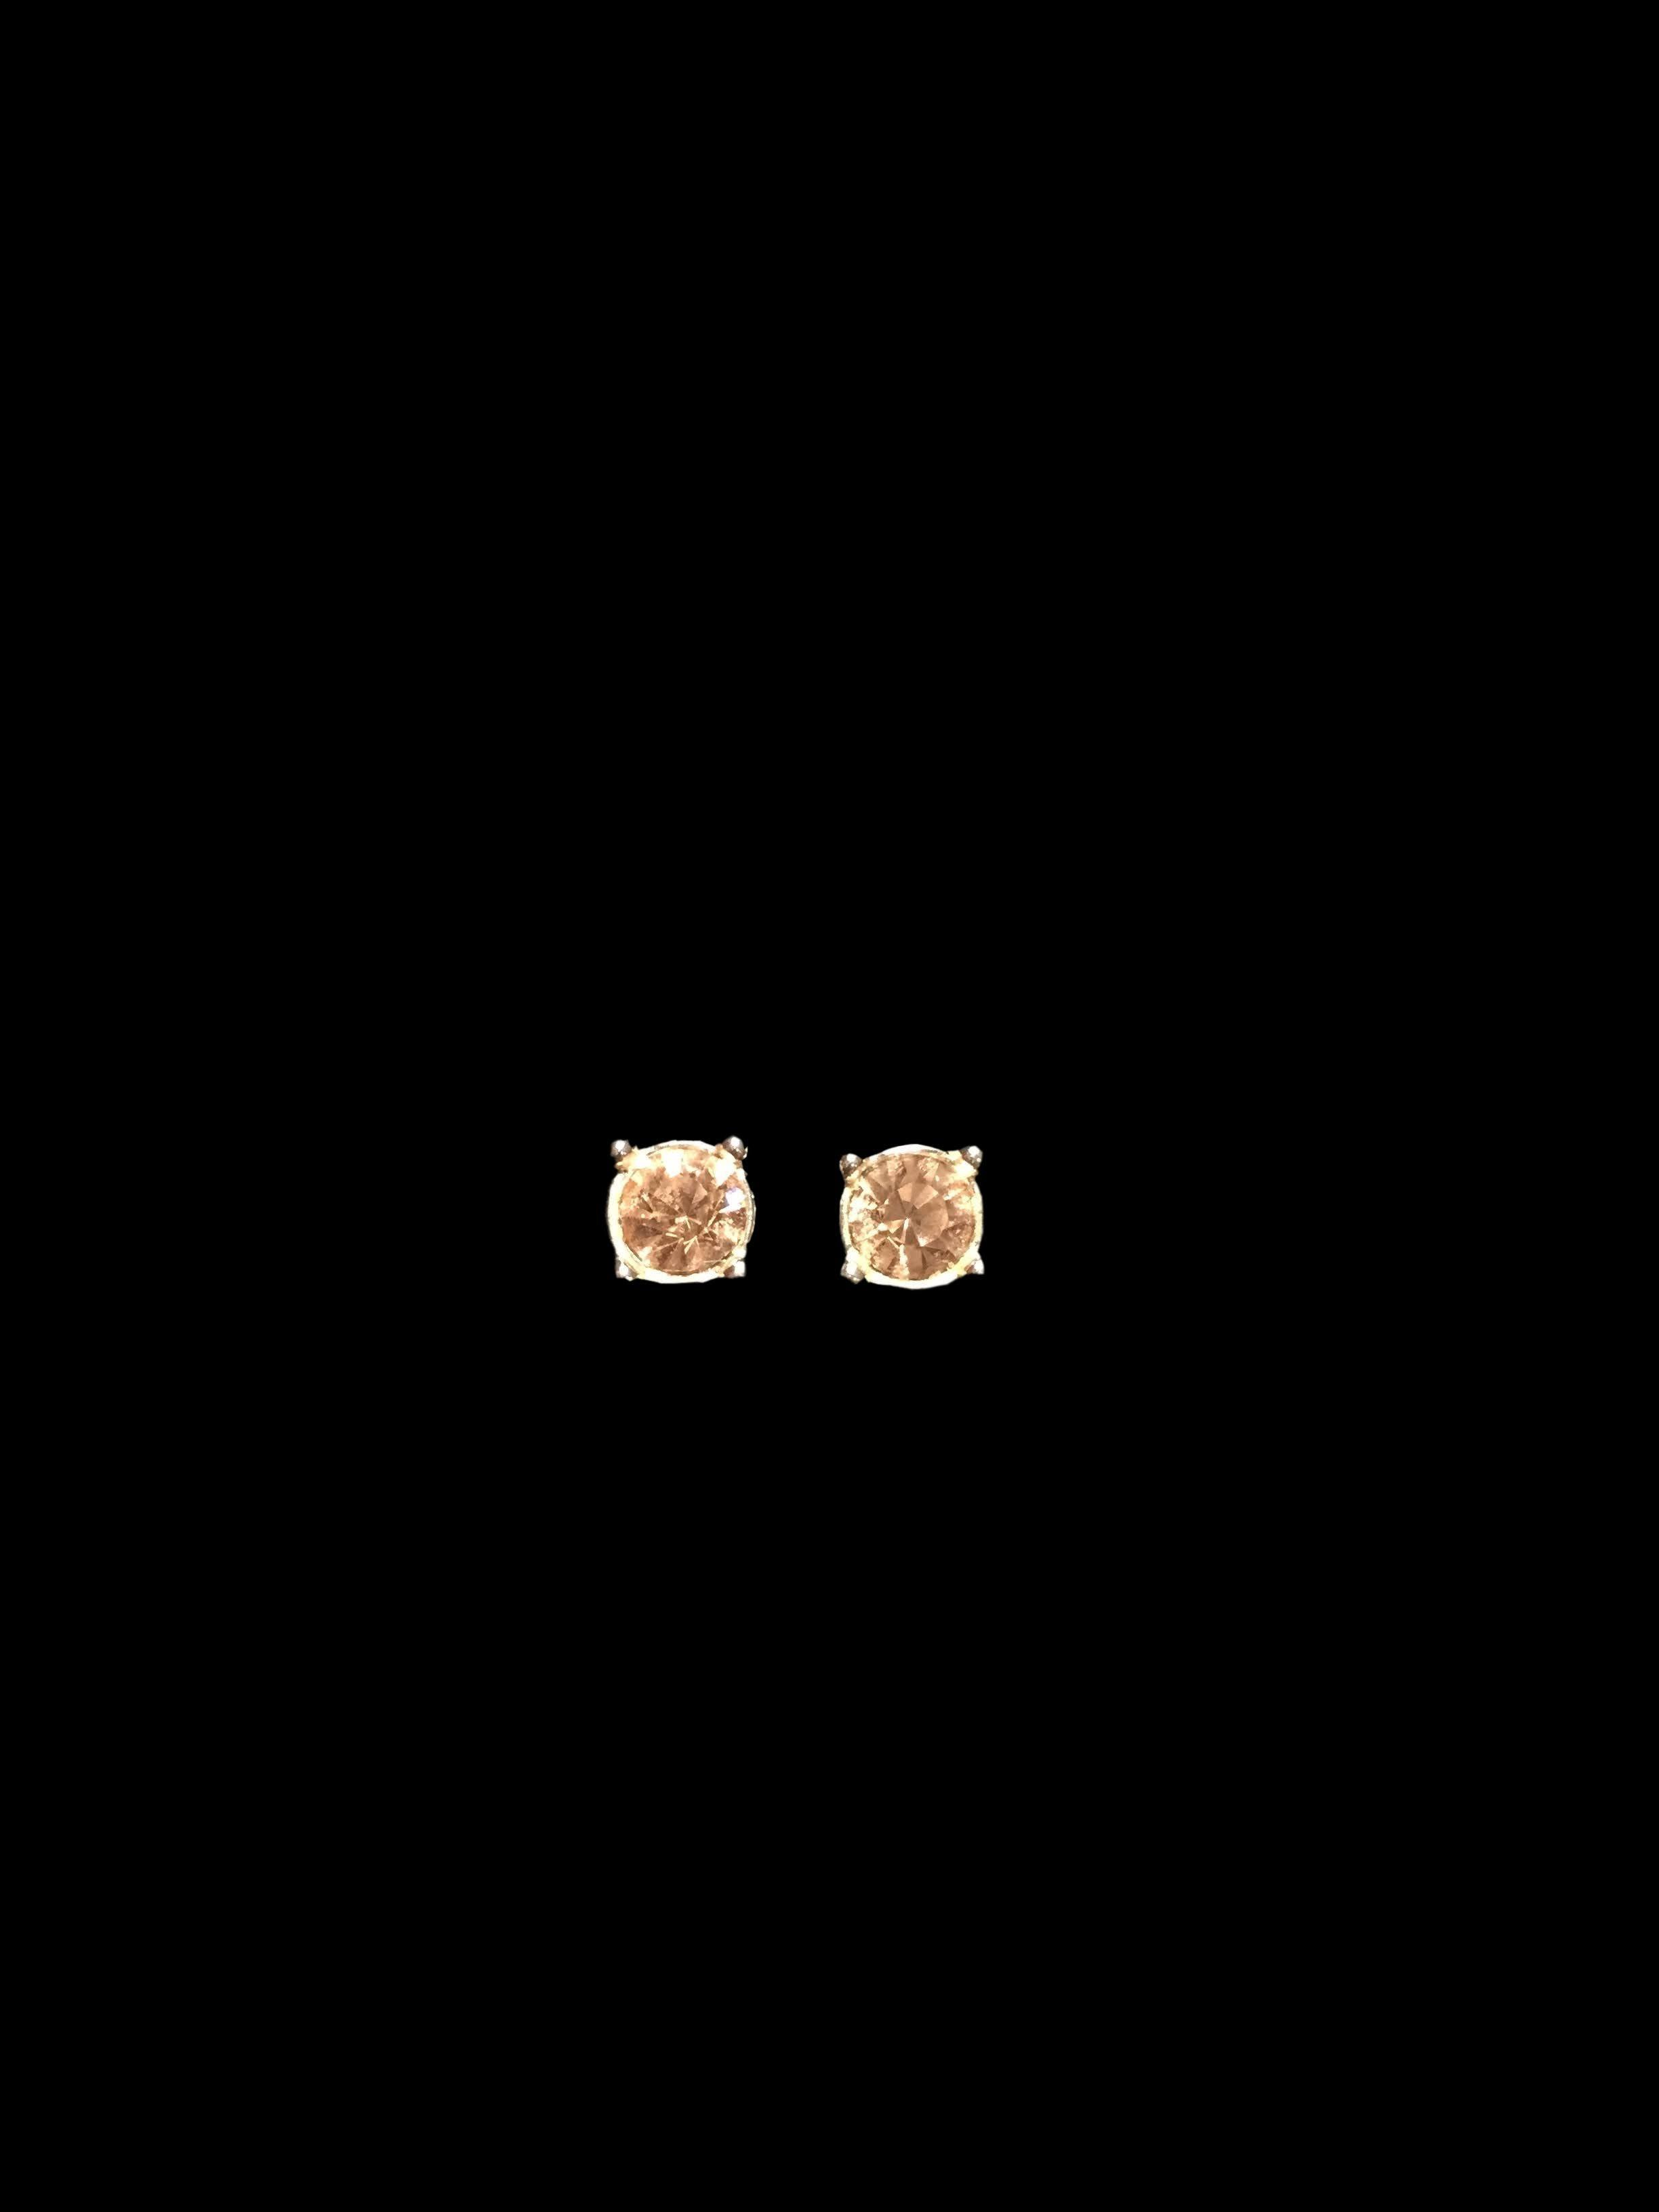 Aretes pegados plateados con incrustación tipo diamante